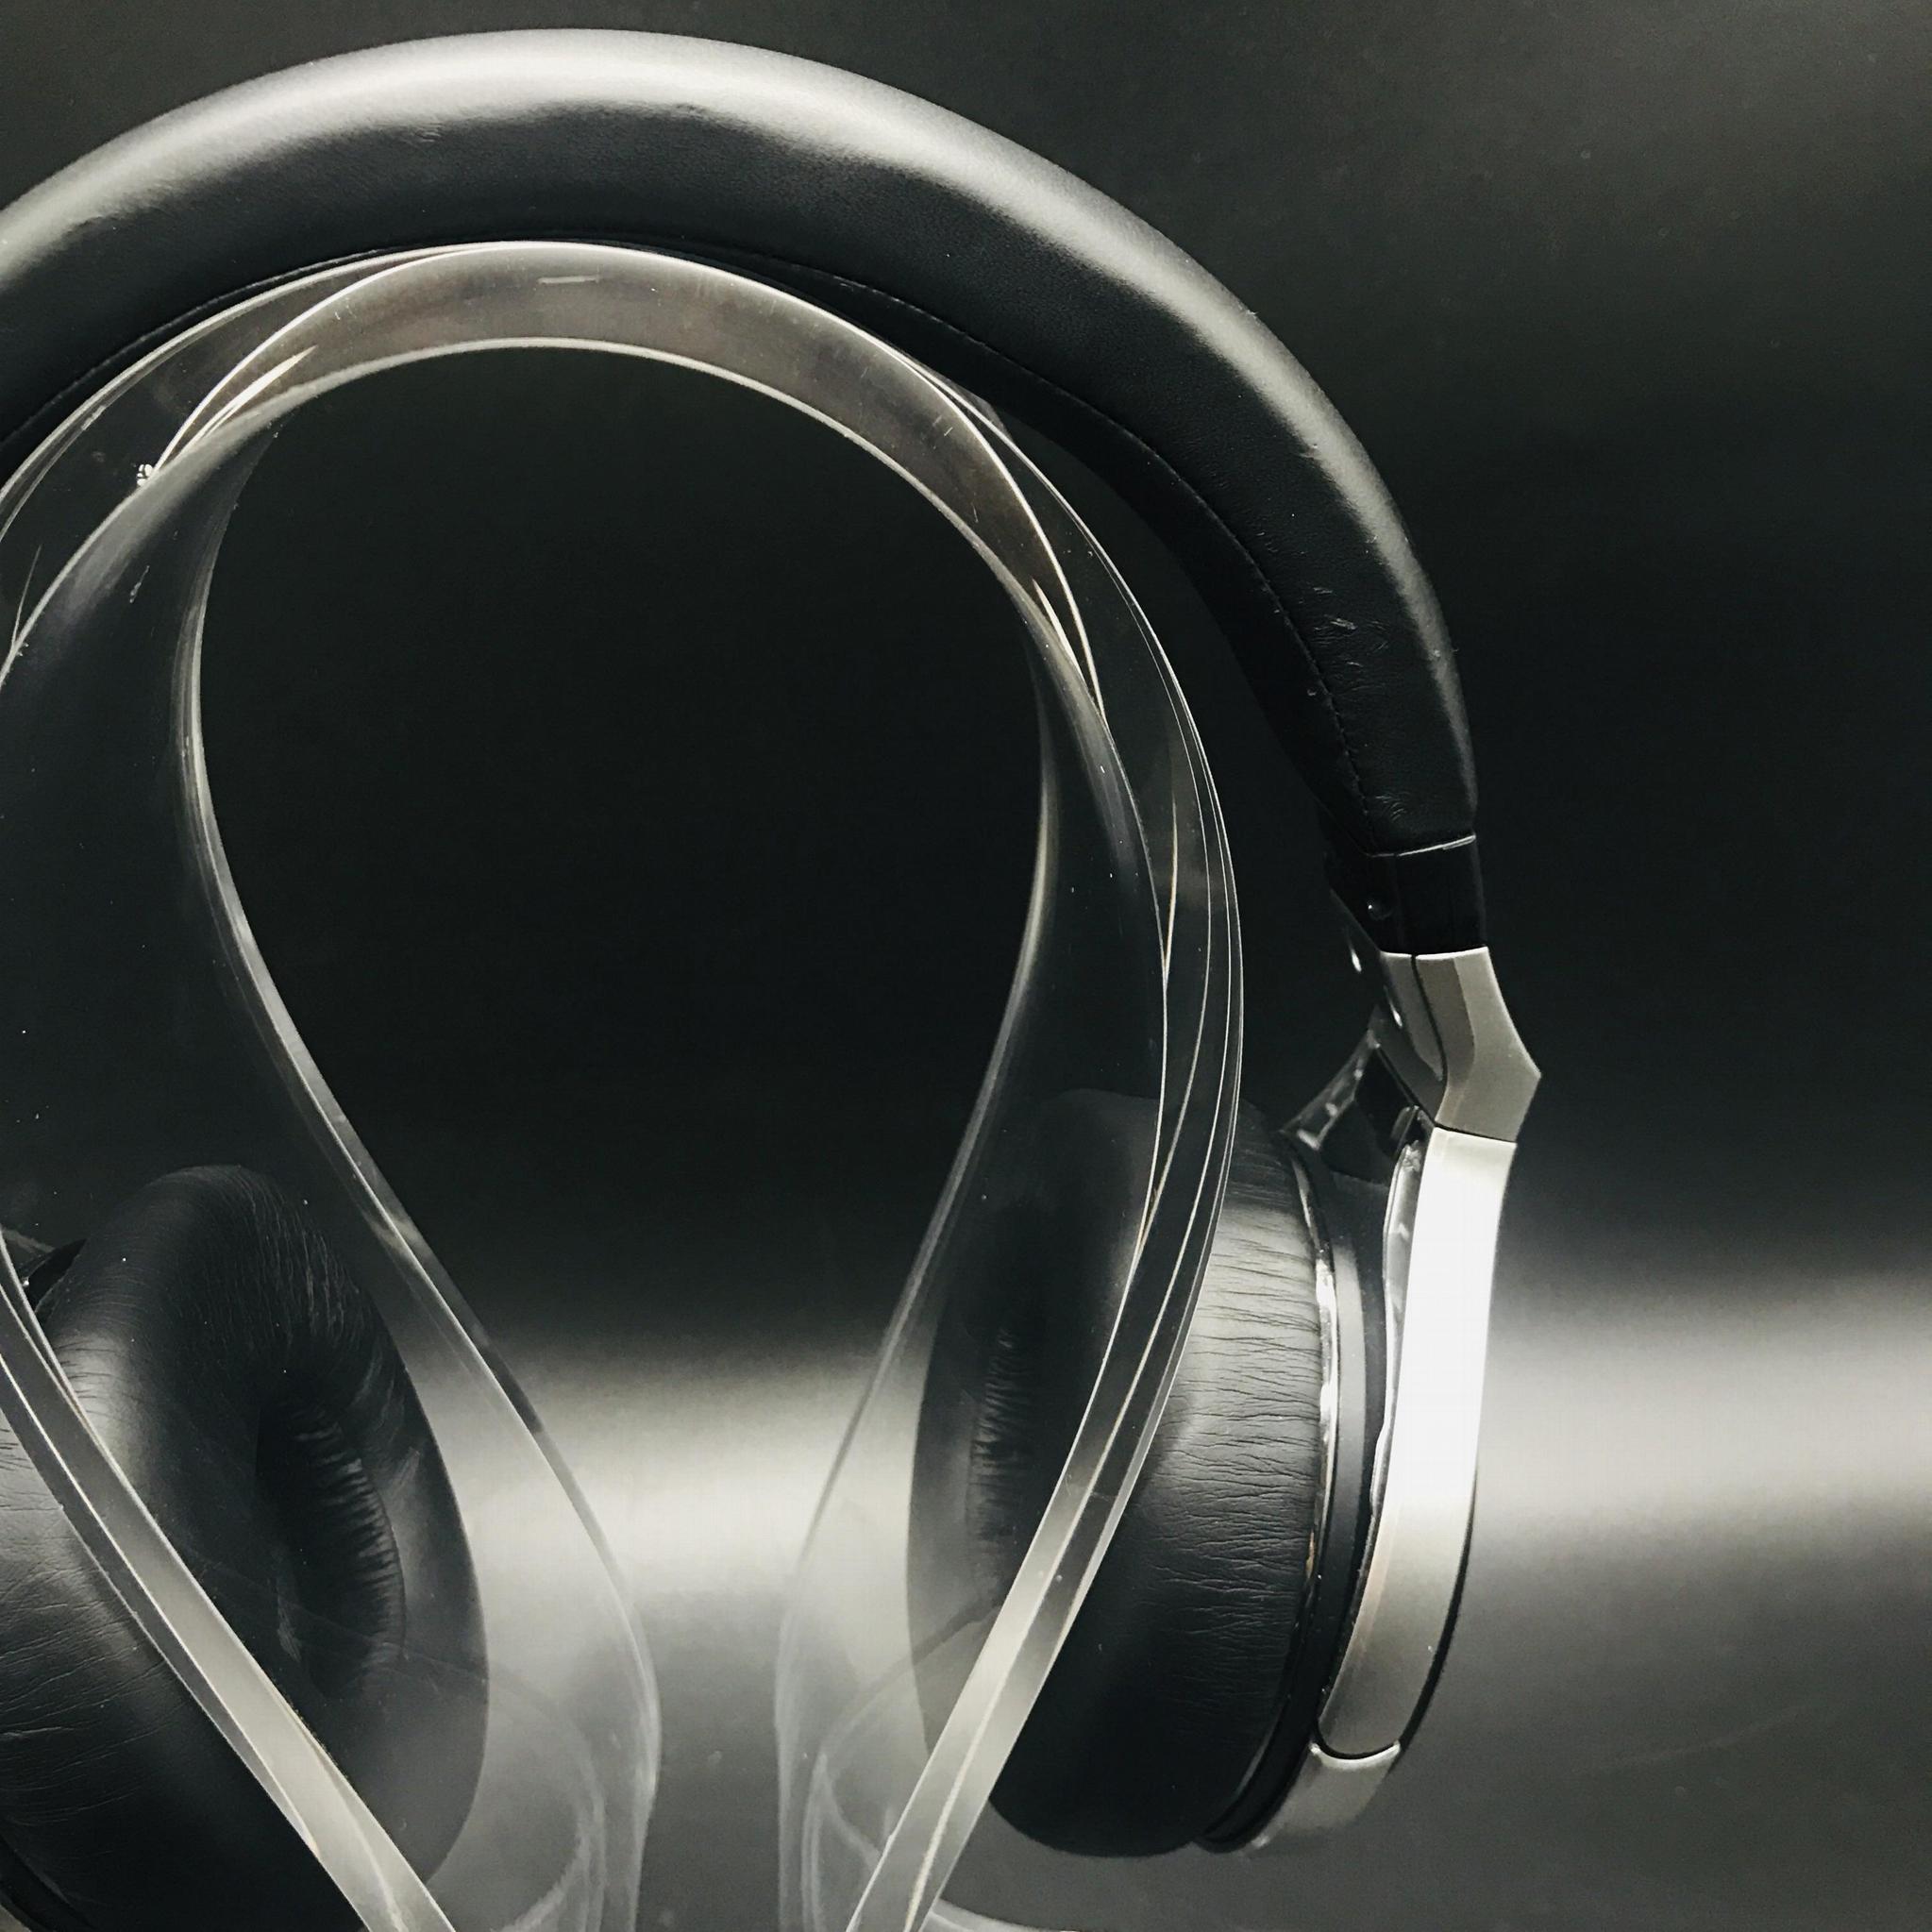 商場耳機展示架 亞克力耳機展示架 高光亮度耳機展示架 3